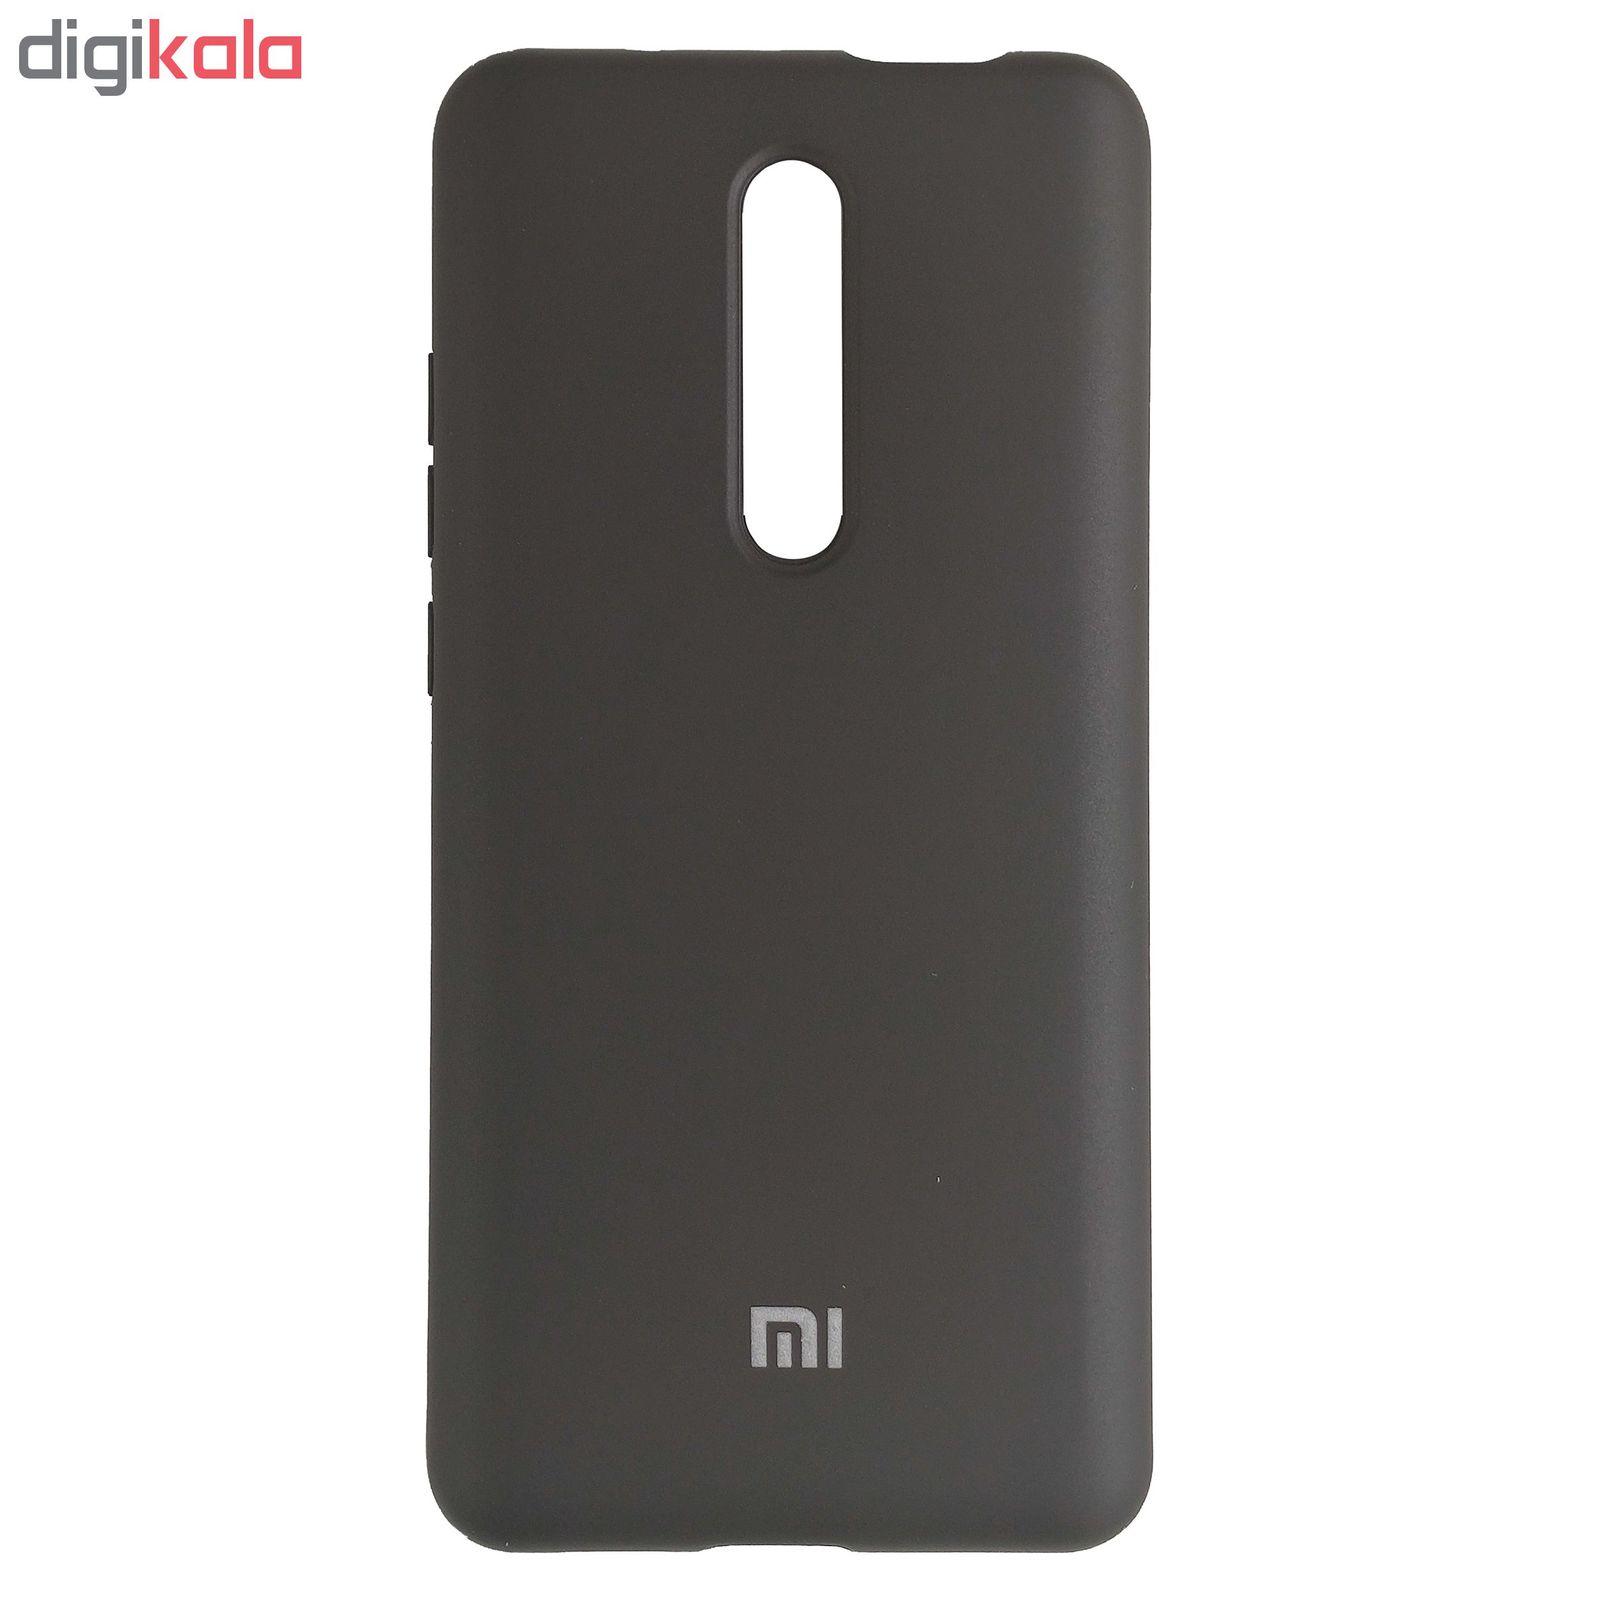 کاور مدل Sliokin مناسب برای گوشی موبایل شیائومی Mi 9T/Mi 9T Pro main 1 1